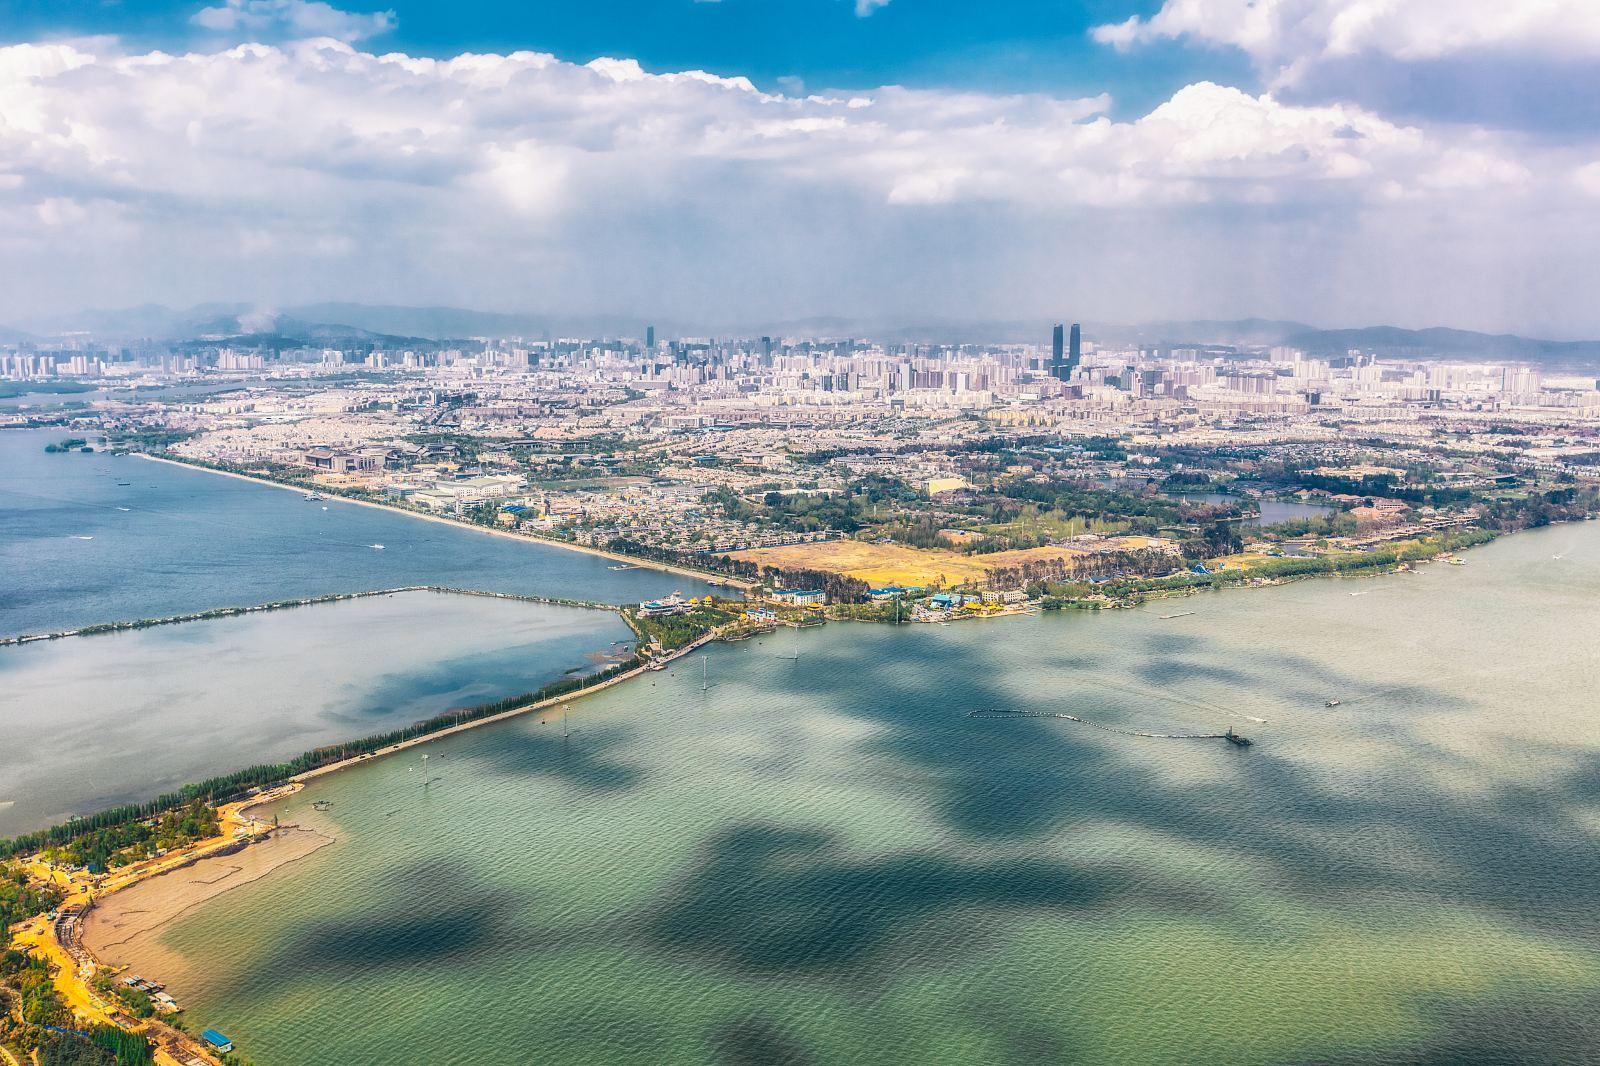 丽江旅游豆丁网-谁可以帮助我在Douding网站上下载它?卢运河城市带